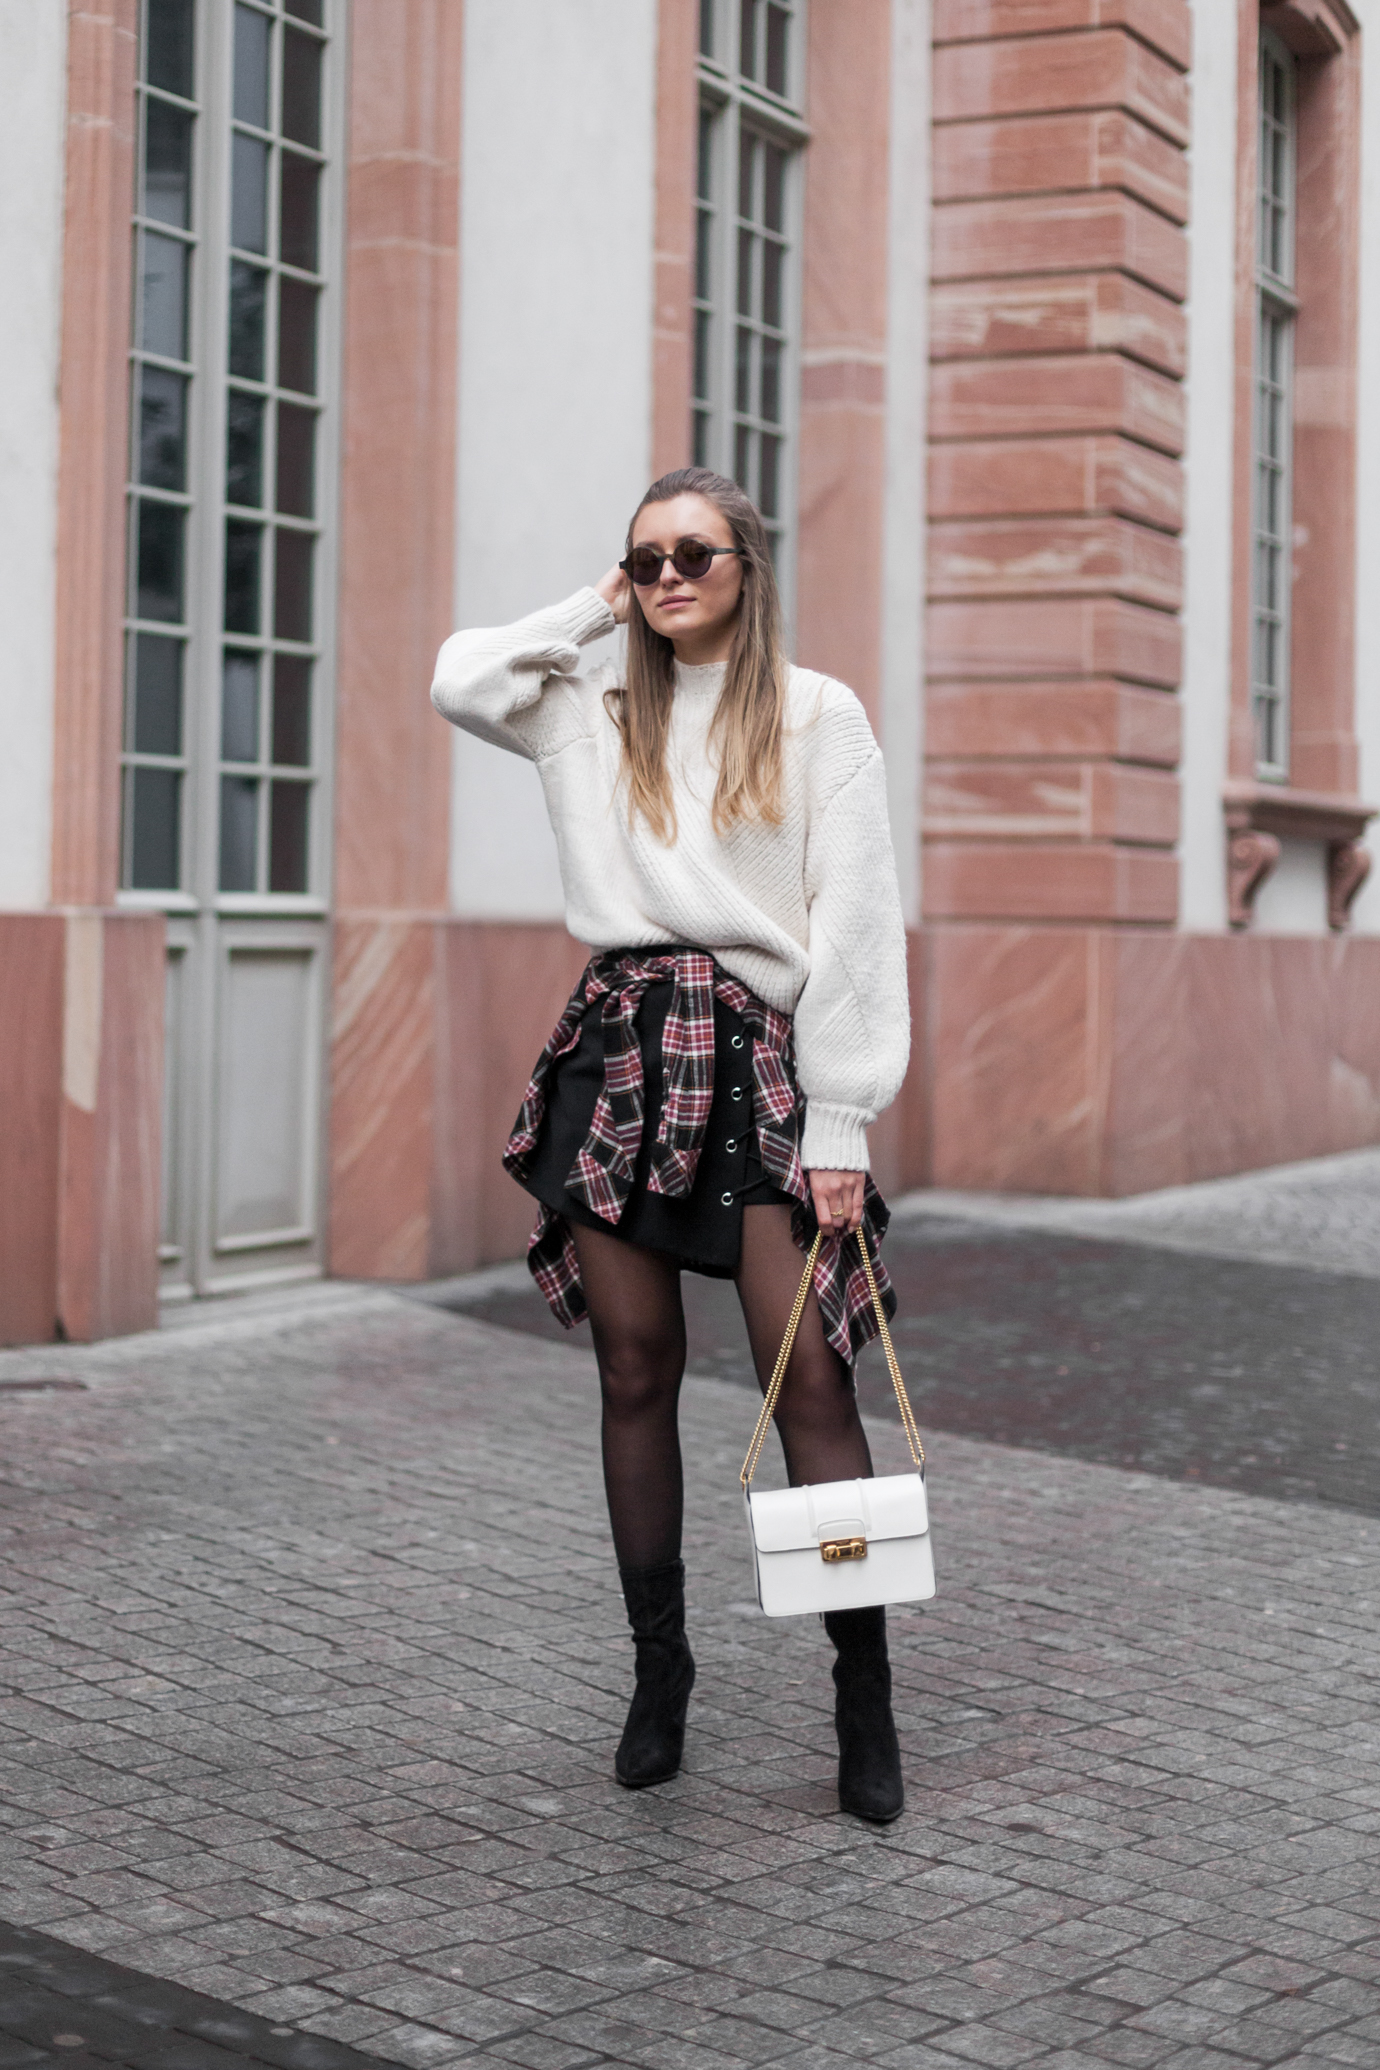 knit-lace-up-livia-auer-2752